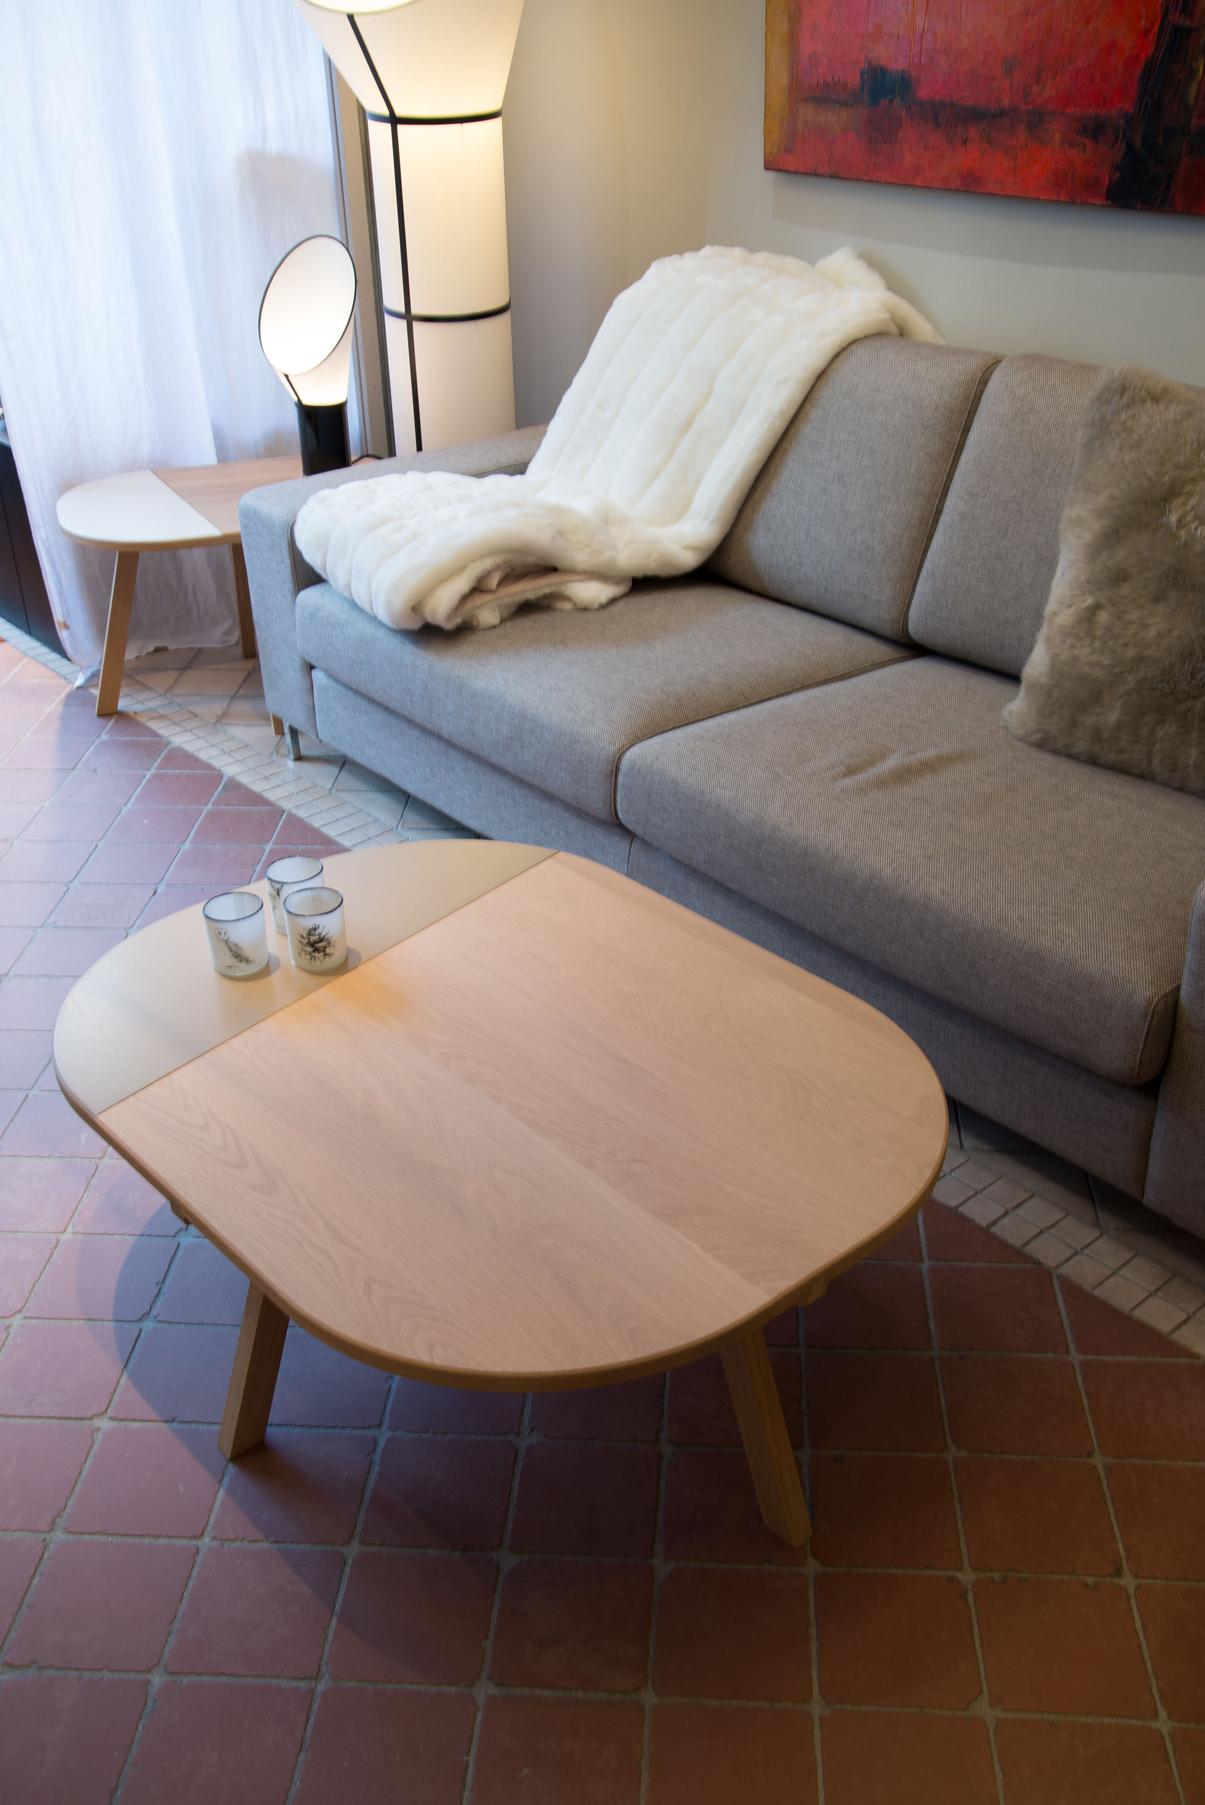 drugeot labo suite 13 d coration architecture d 39 int rieur. Black Bedroom Furniture Sets. Home Design Ideas